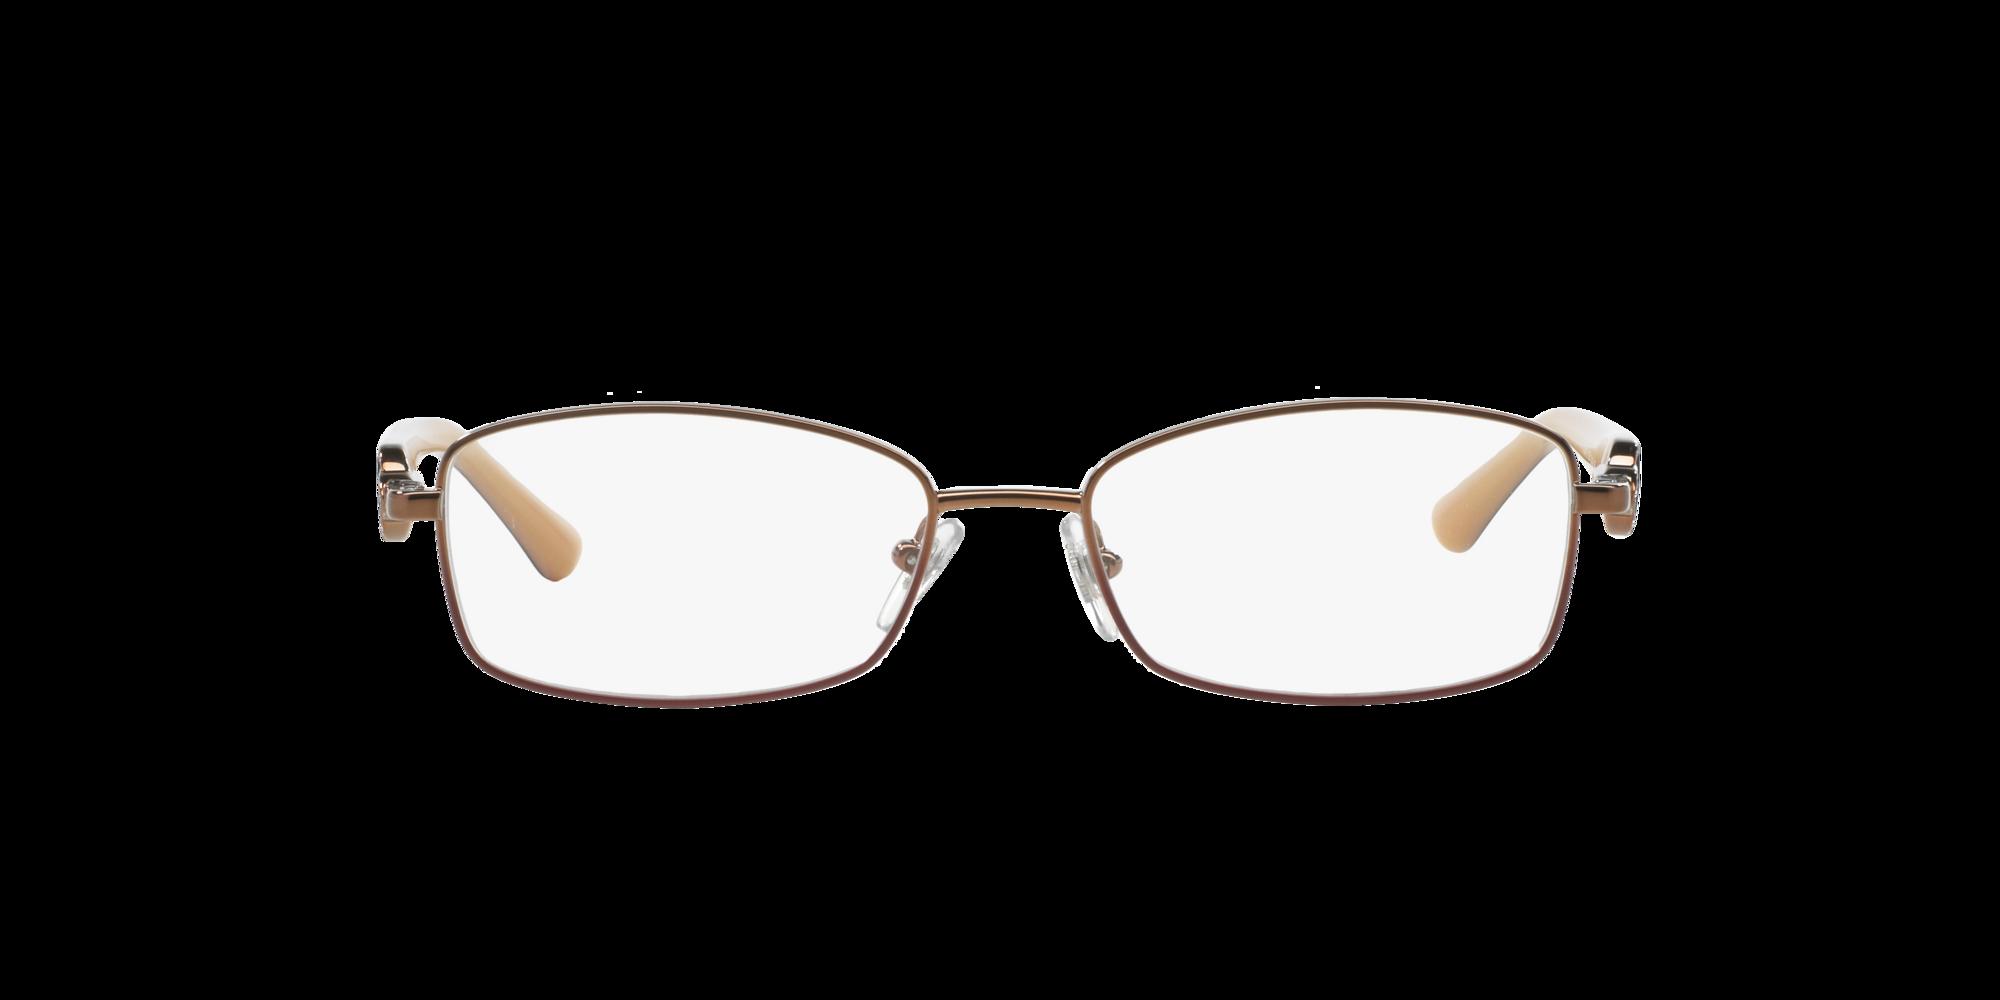 Imagen para VO3845B de LensCrafters |  Espejuelos, espejuelos graduados en línea, gafas